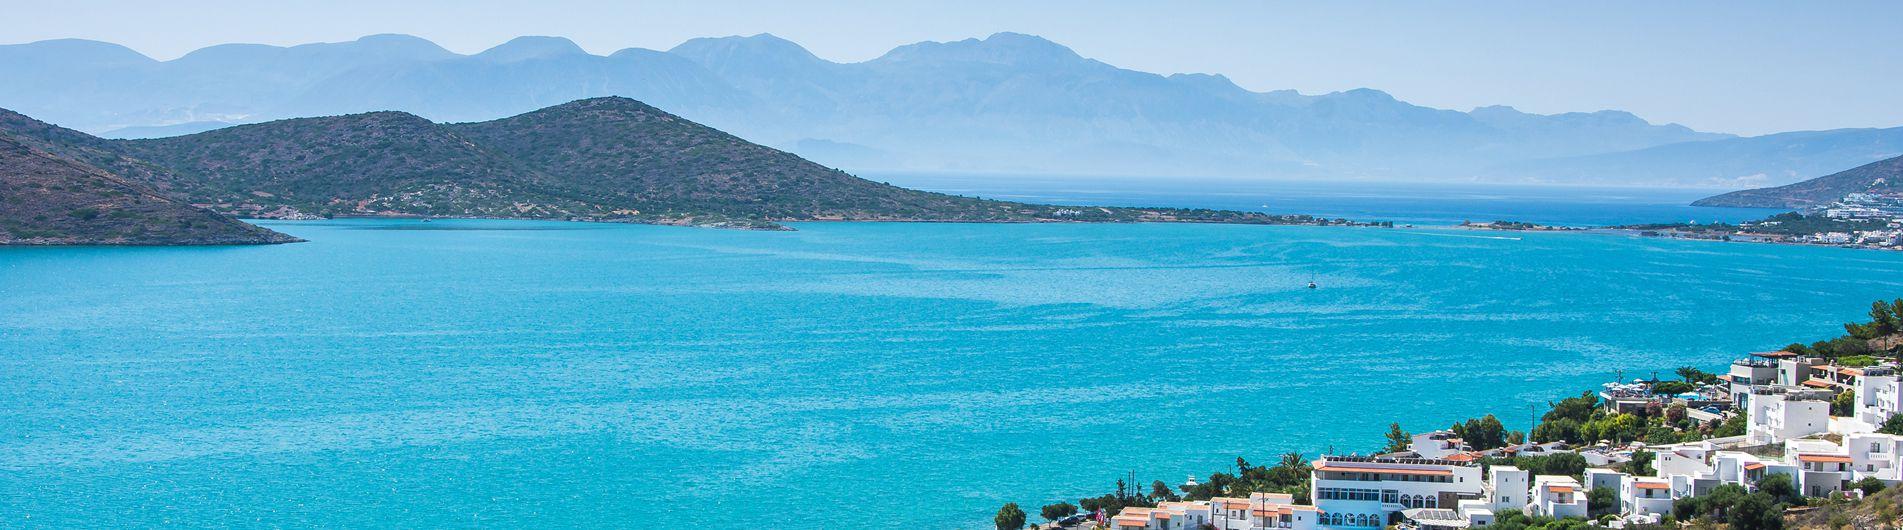 Crete Holidays 2019 / 2020 | Cyplon Holidays